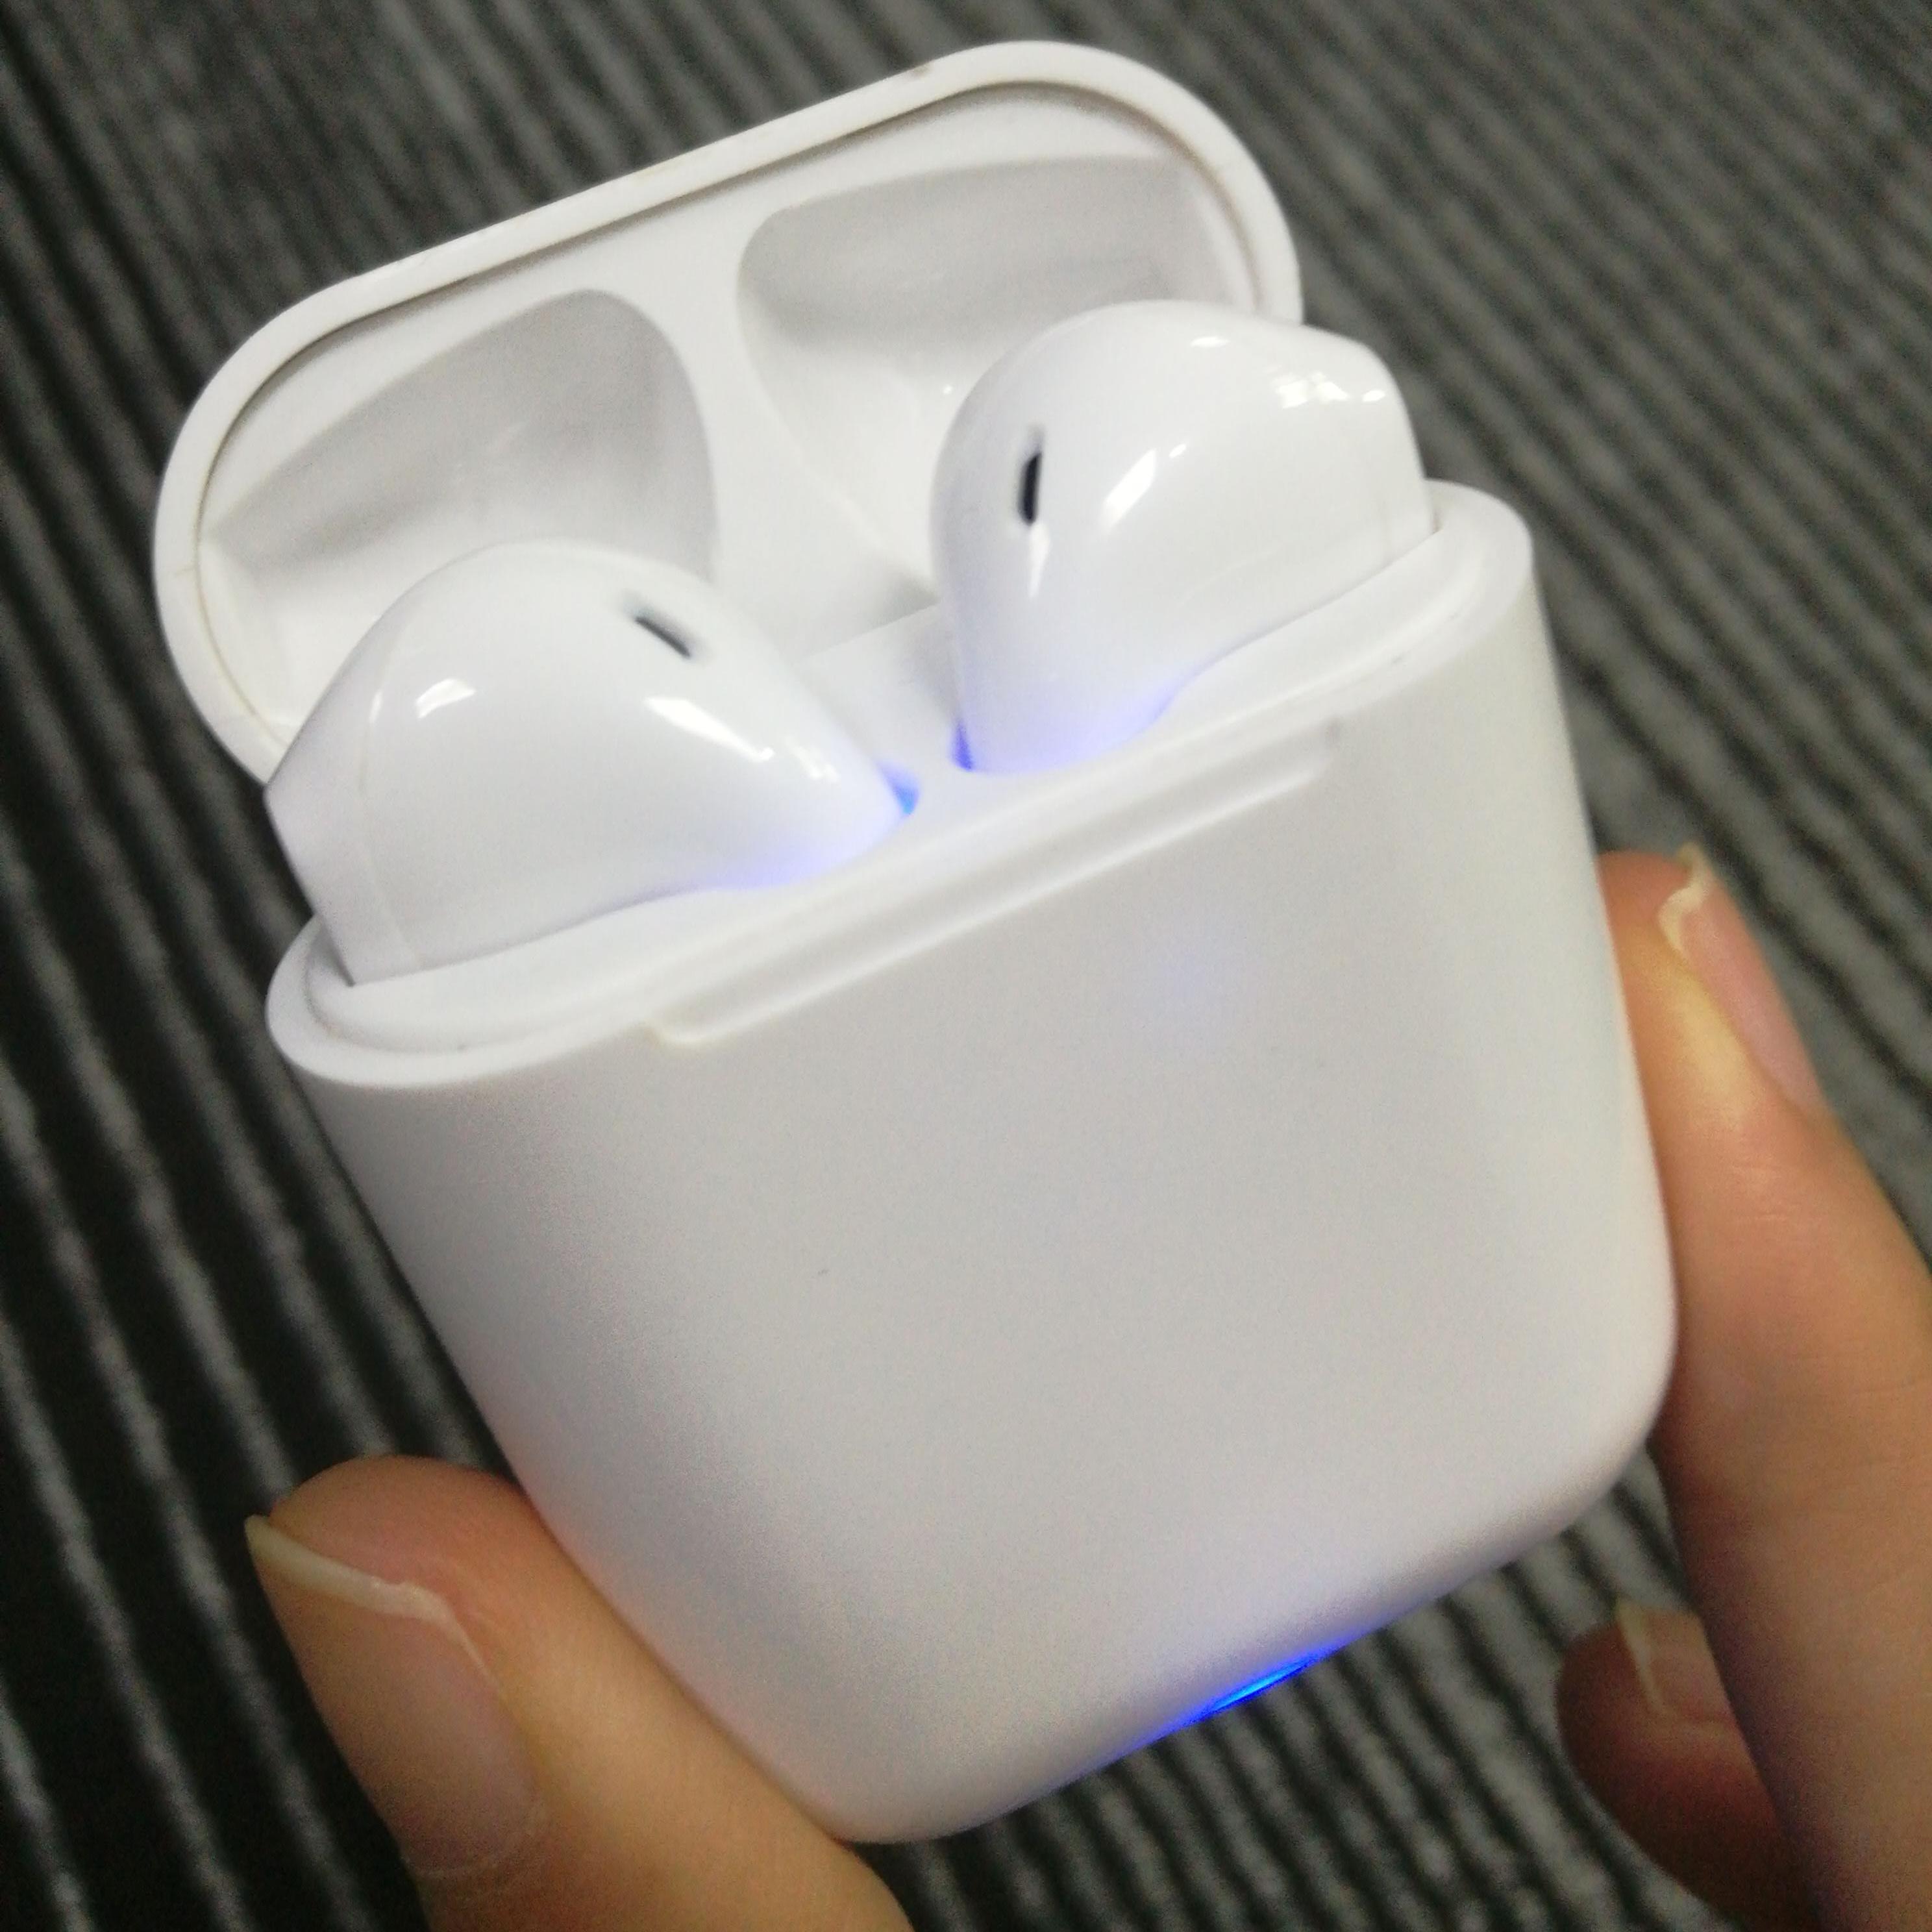 En gros OEM Bluetooth I9S TWS Sans Fil Écouteurs Casque avec 4.5-5 heures de temps de jeu - ANKUX Tech Co., Ltd